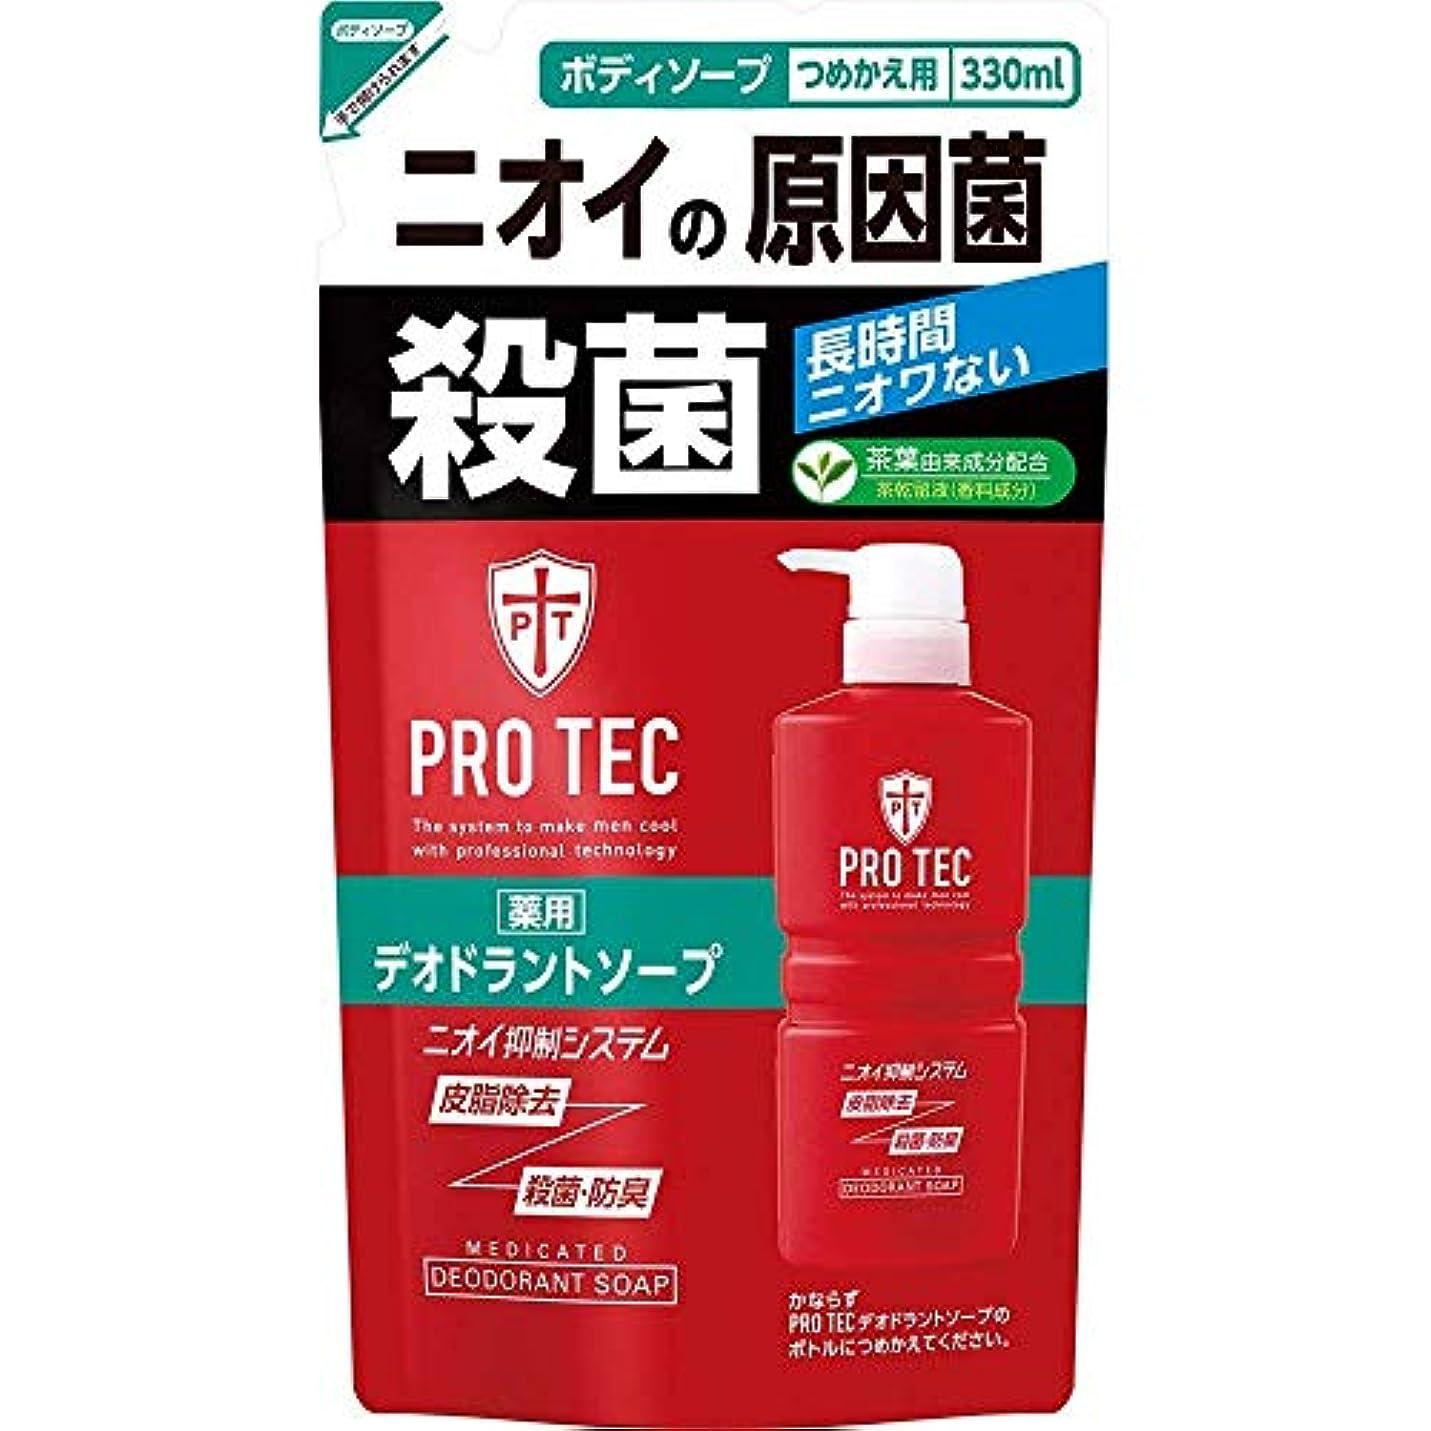 啓示複合秋PRO TEC デオドラントソープ つめかえ用 330ml ×2セット